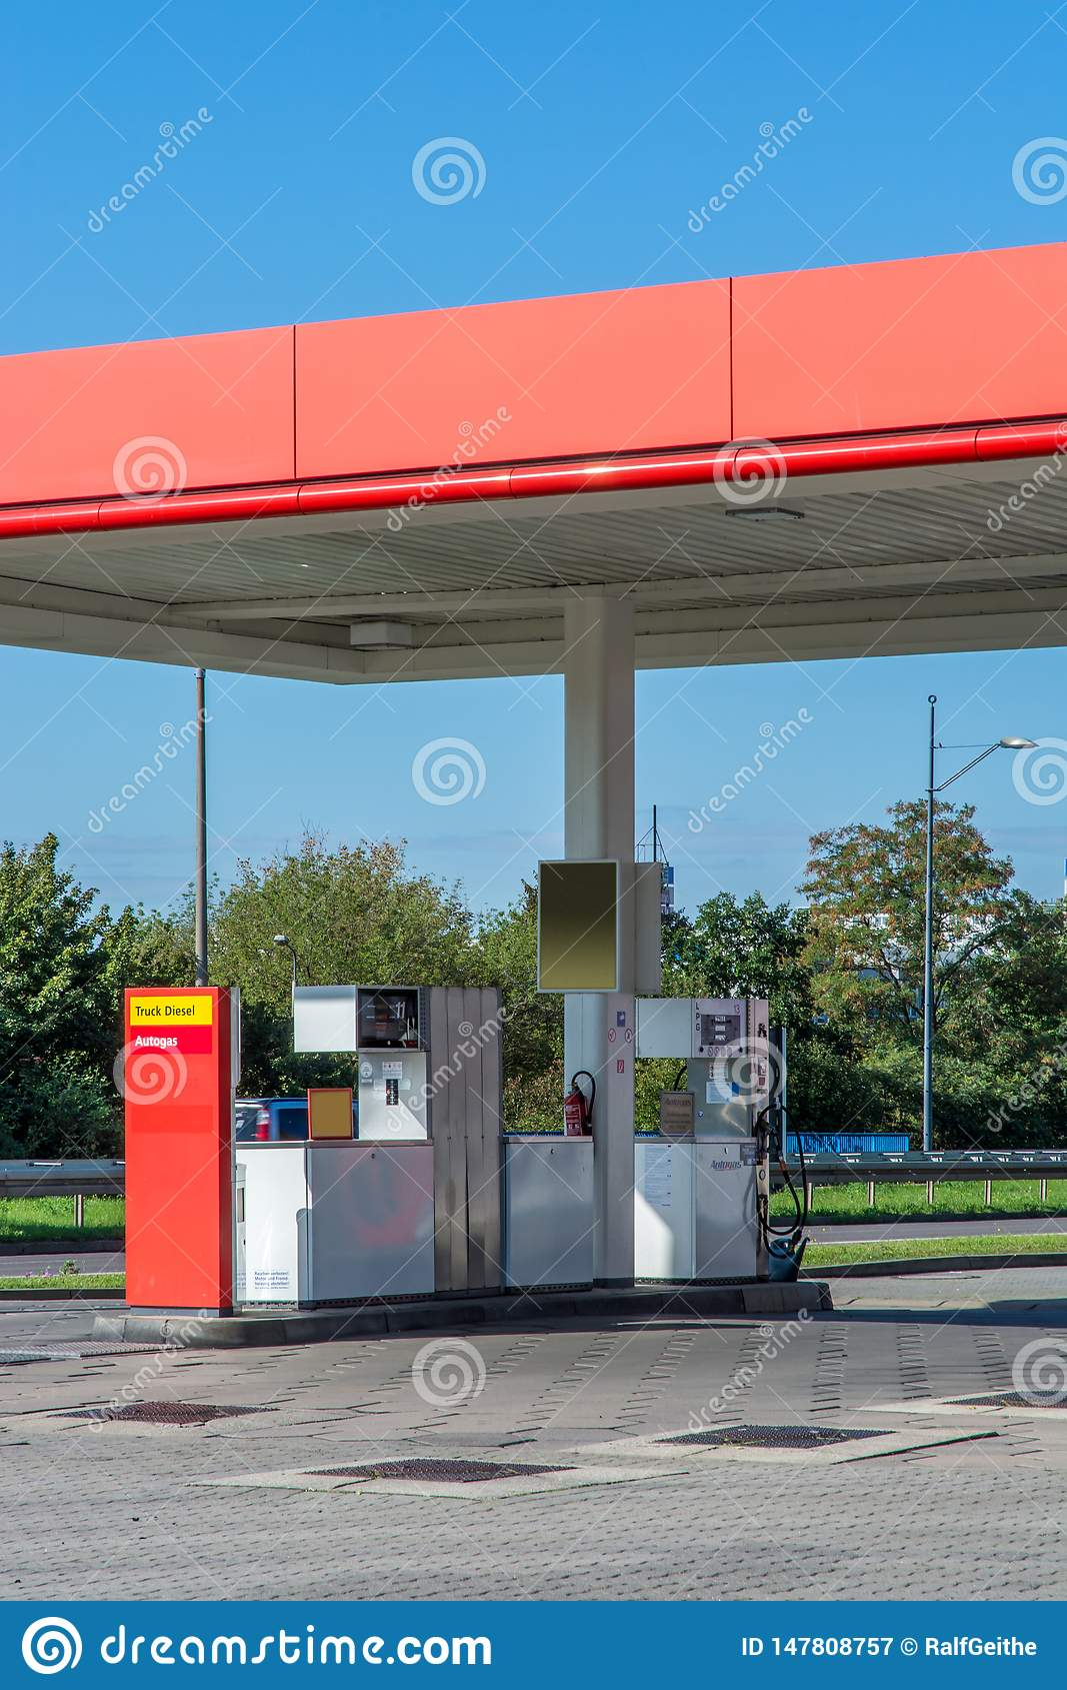 Namenlose private Tankstelle gesehen von einer öffentlichen Straße